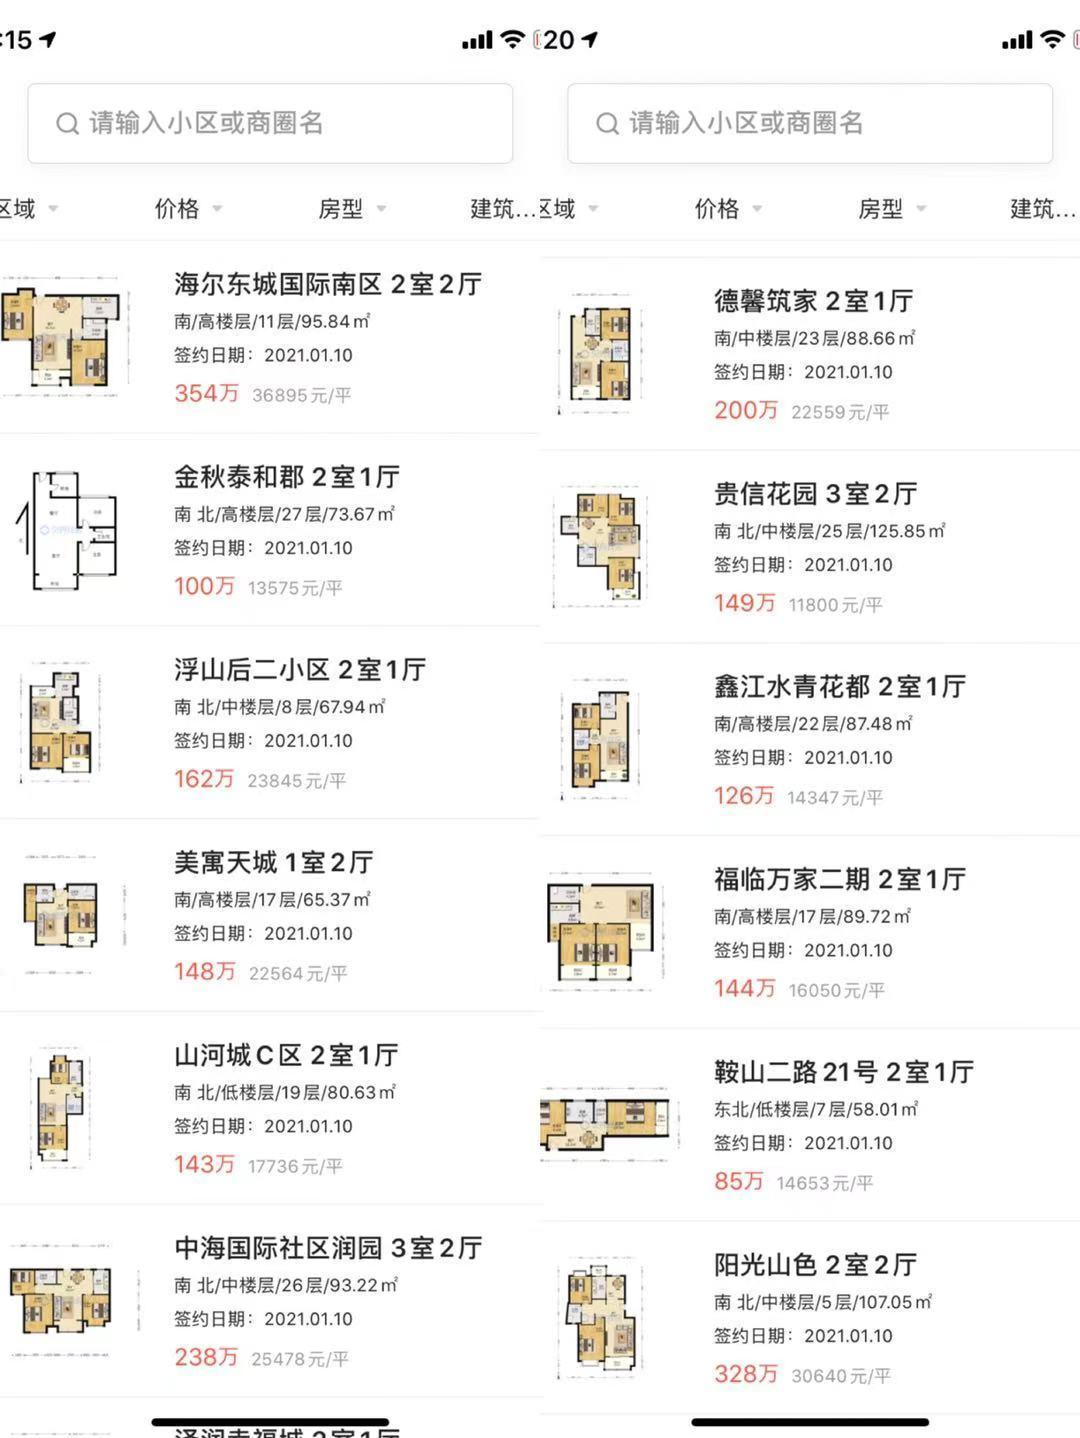 套二,市区,买房,青岛新闻网